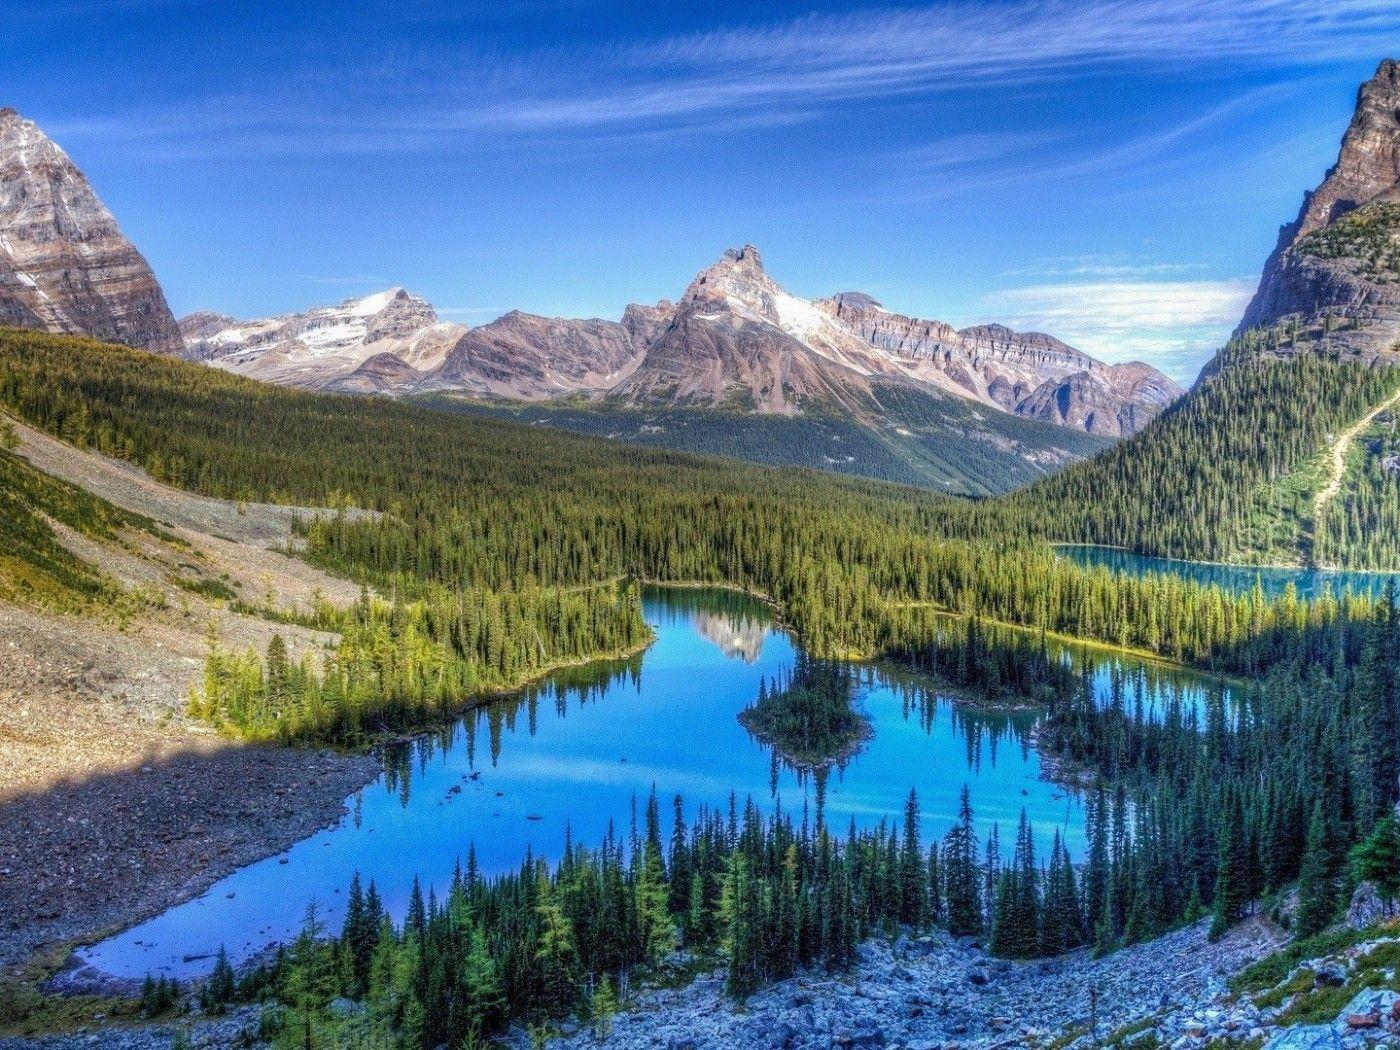 Cielo Azul Reflejado En un Lago Pequeño.